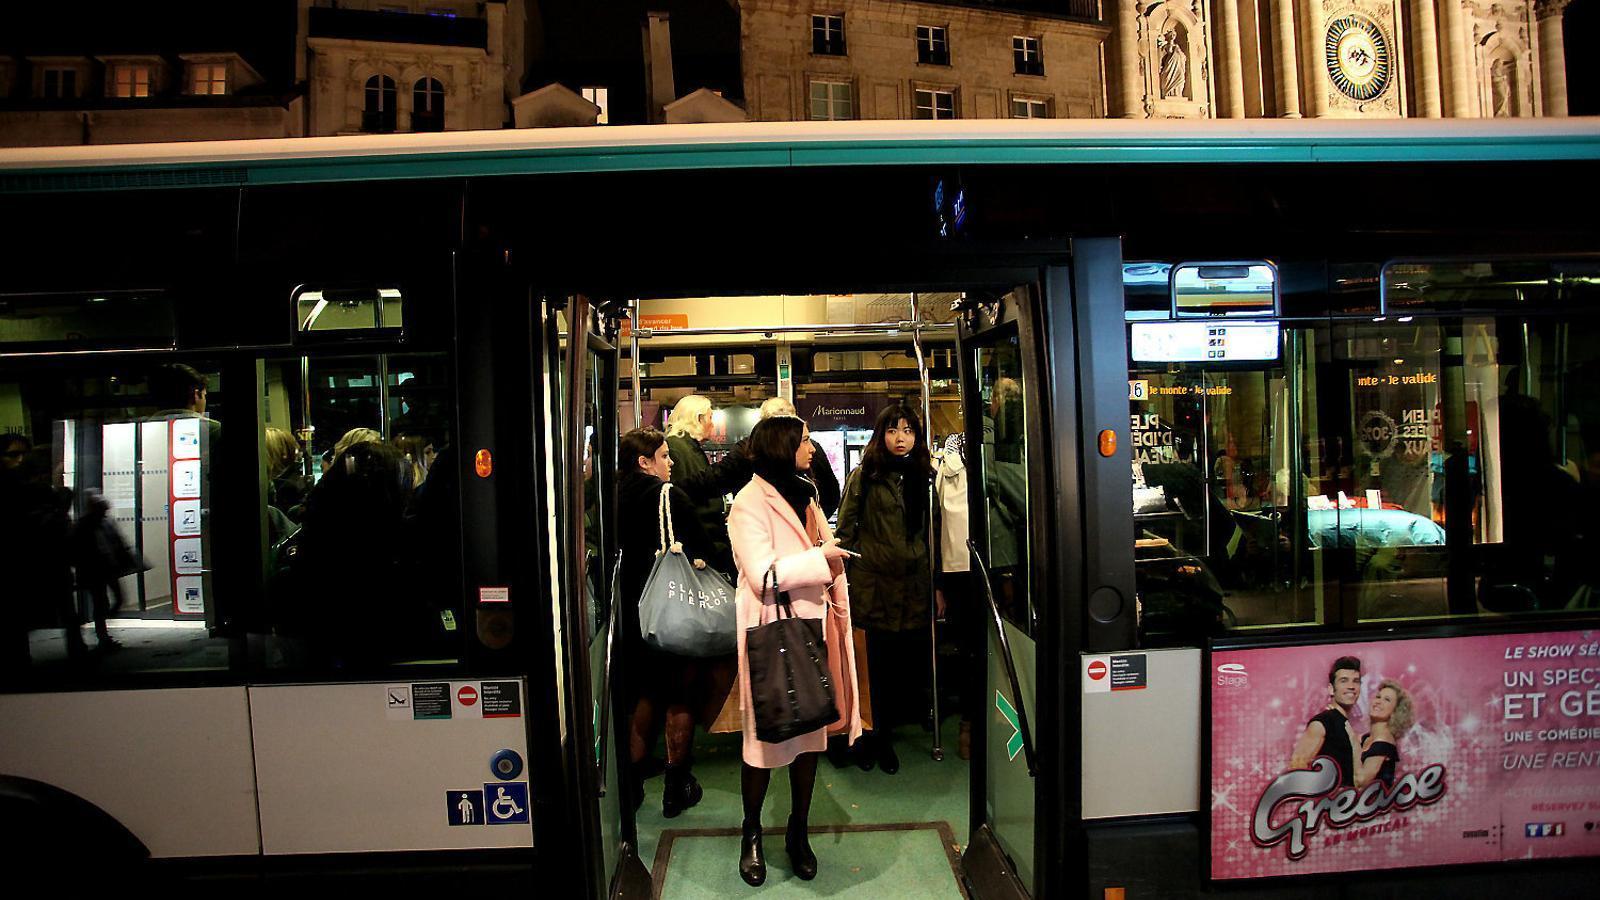 El govern francès vol que els gestos inadequats, els xiulets, les mirades insistents i els comentaris obscens cap a les dones al carrer siguin sancionats. / GIORGOS GEORGIOU / EFE